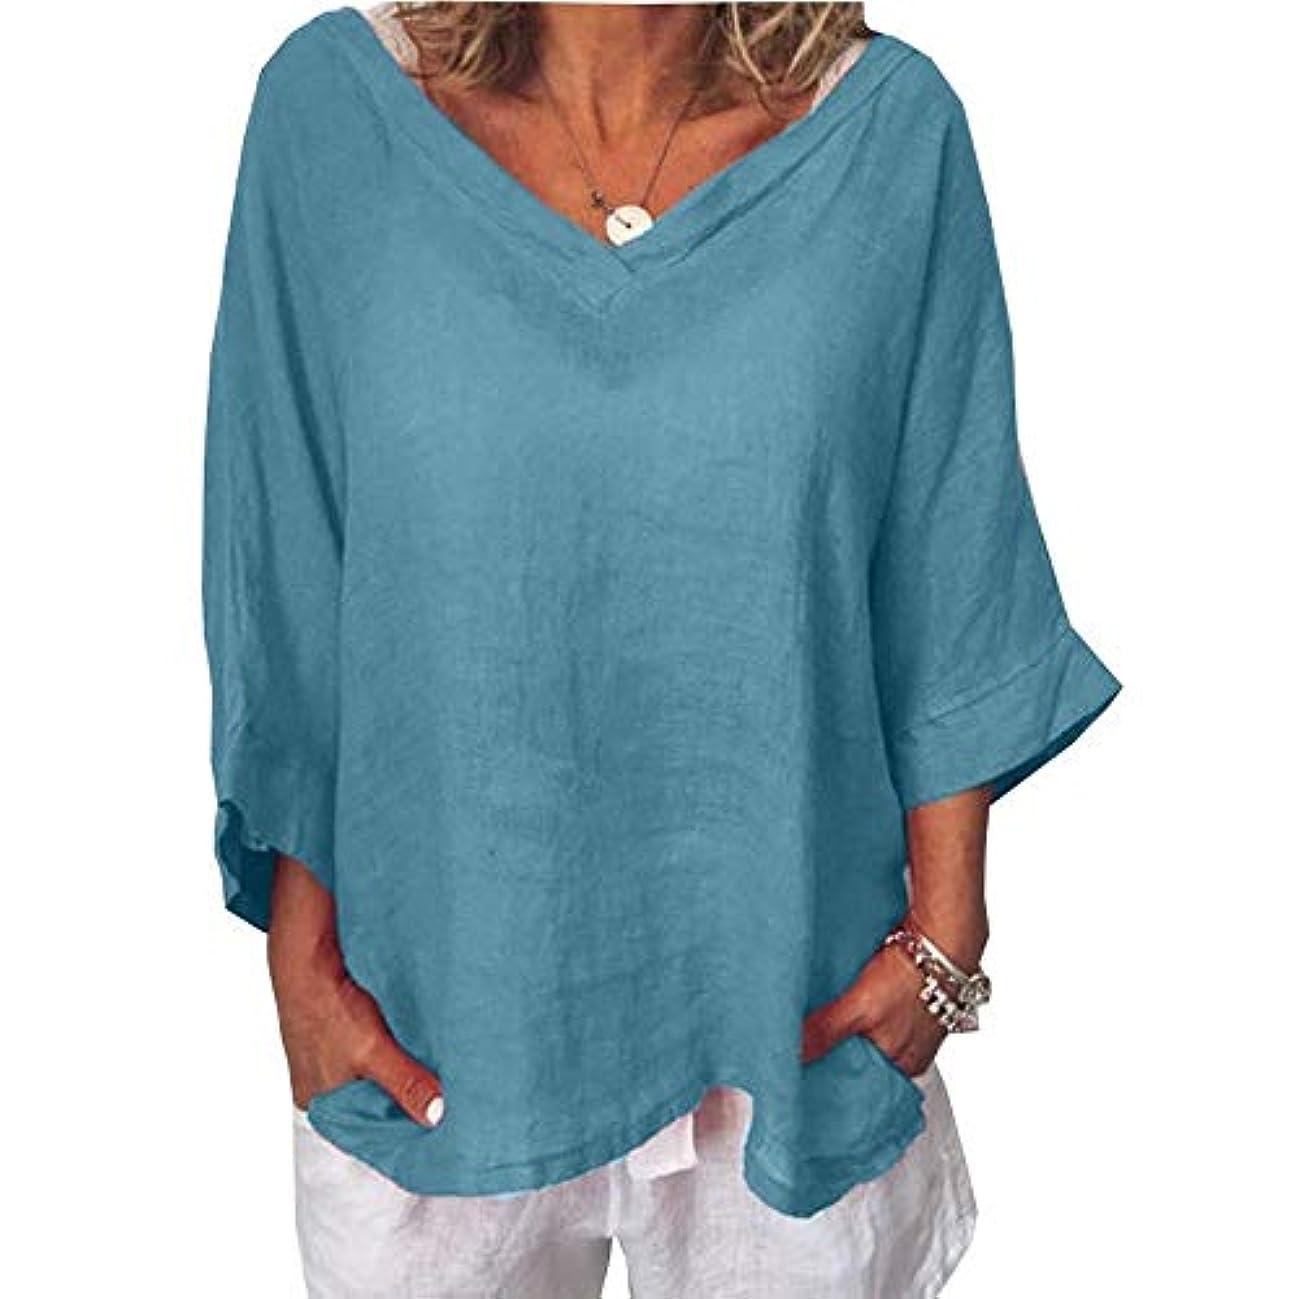 最大化する自発的マークされたMIFAN女性ファッションカジュアルVネックトップス無地長袖Tシャツルーズボヘミアンビーチウェア